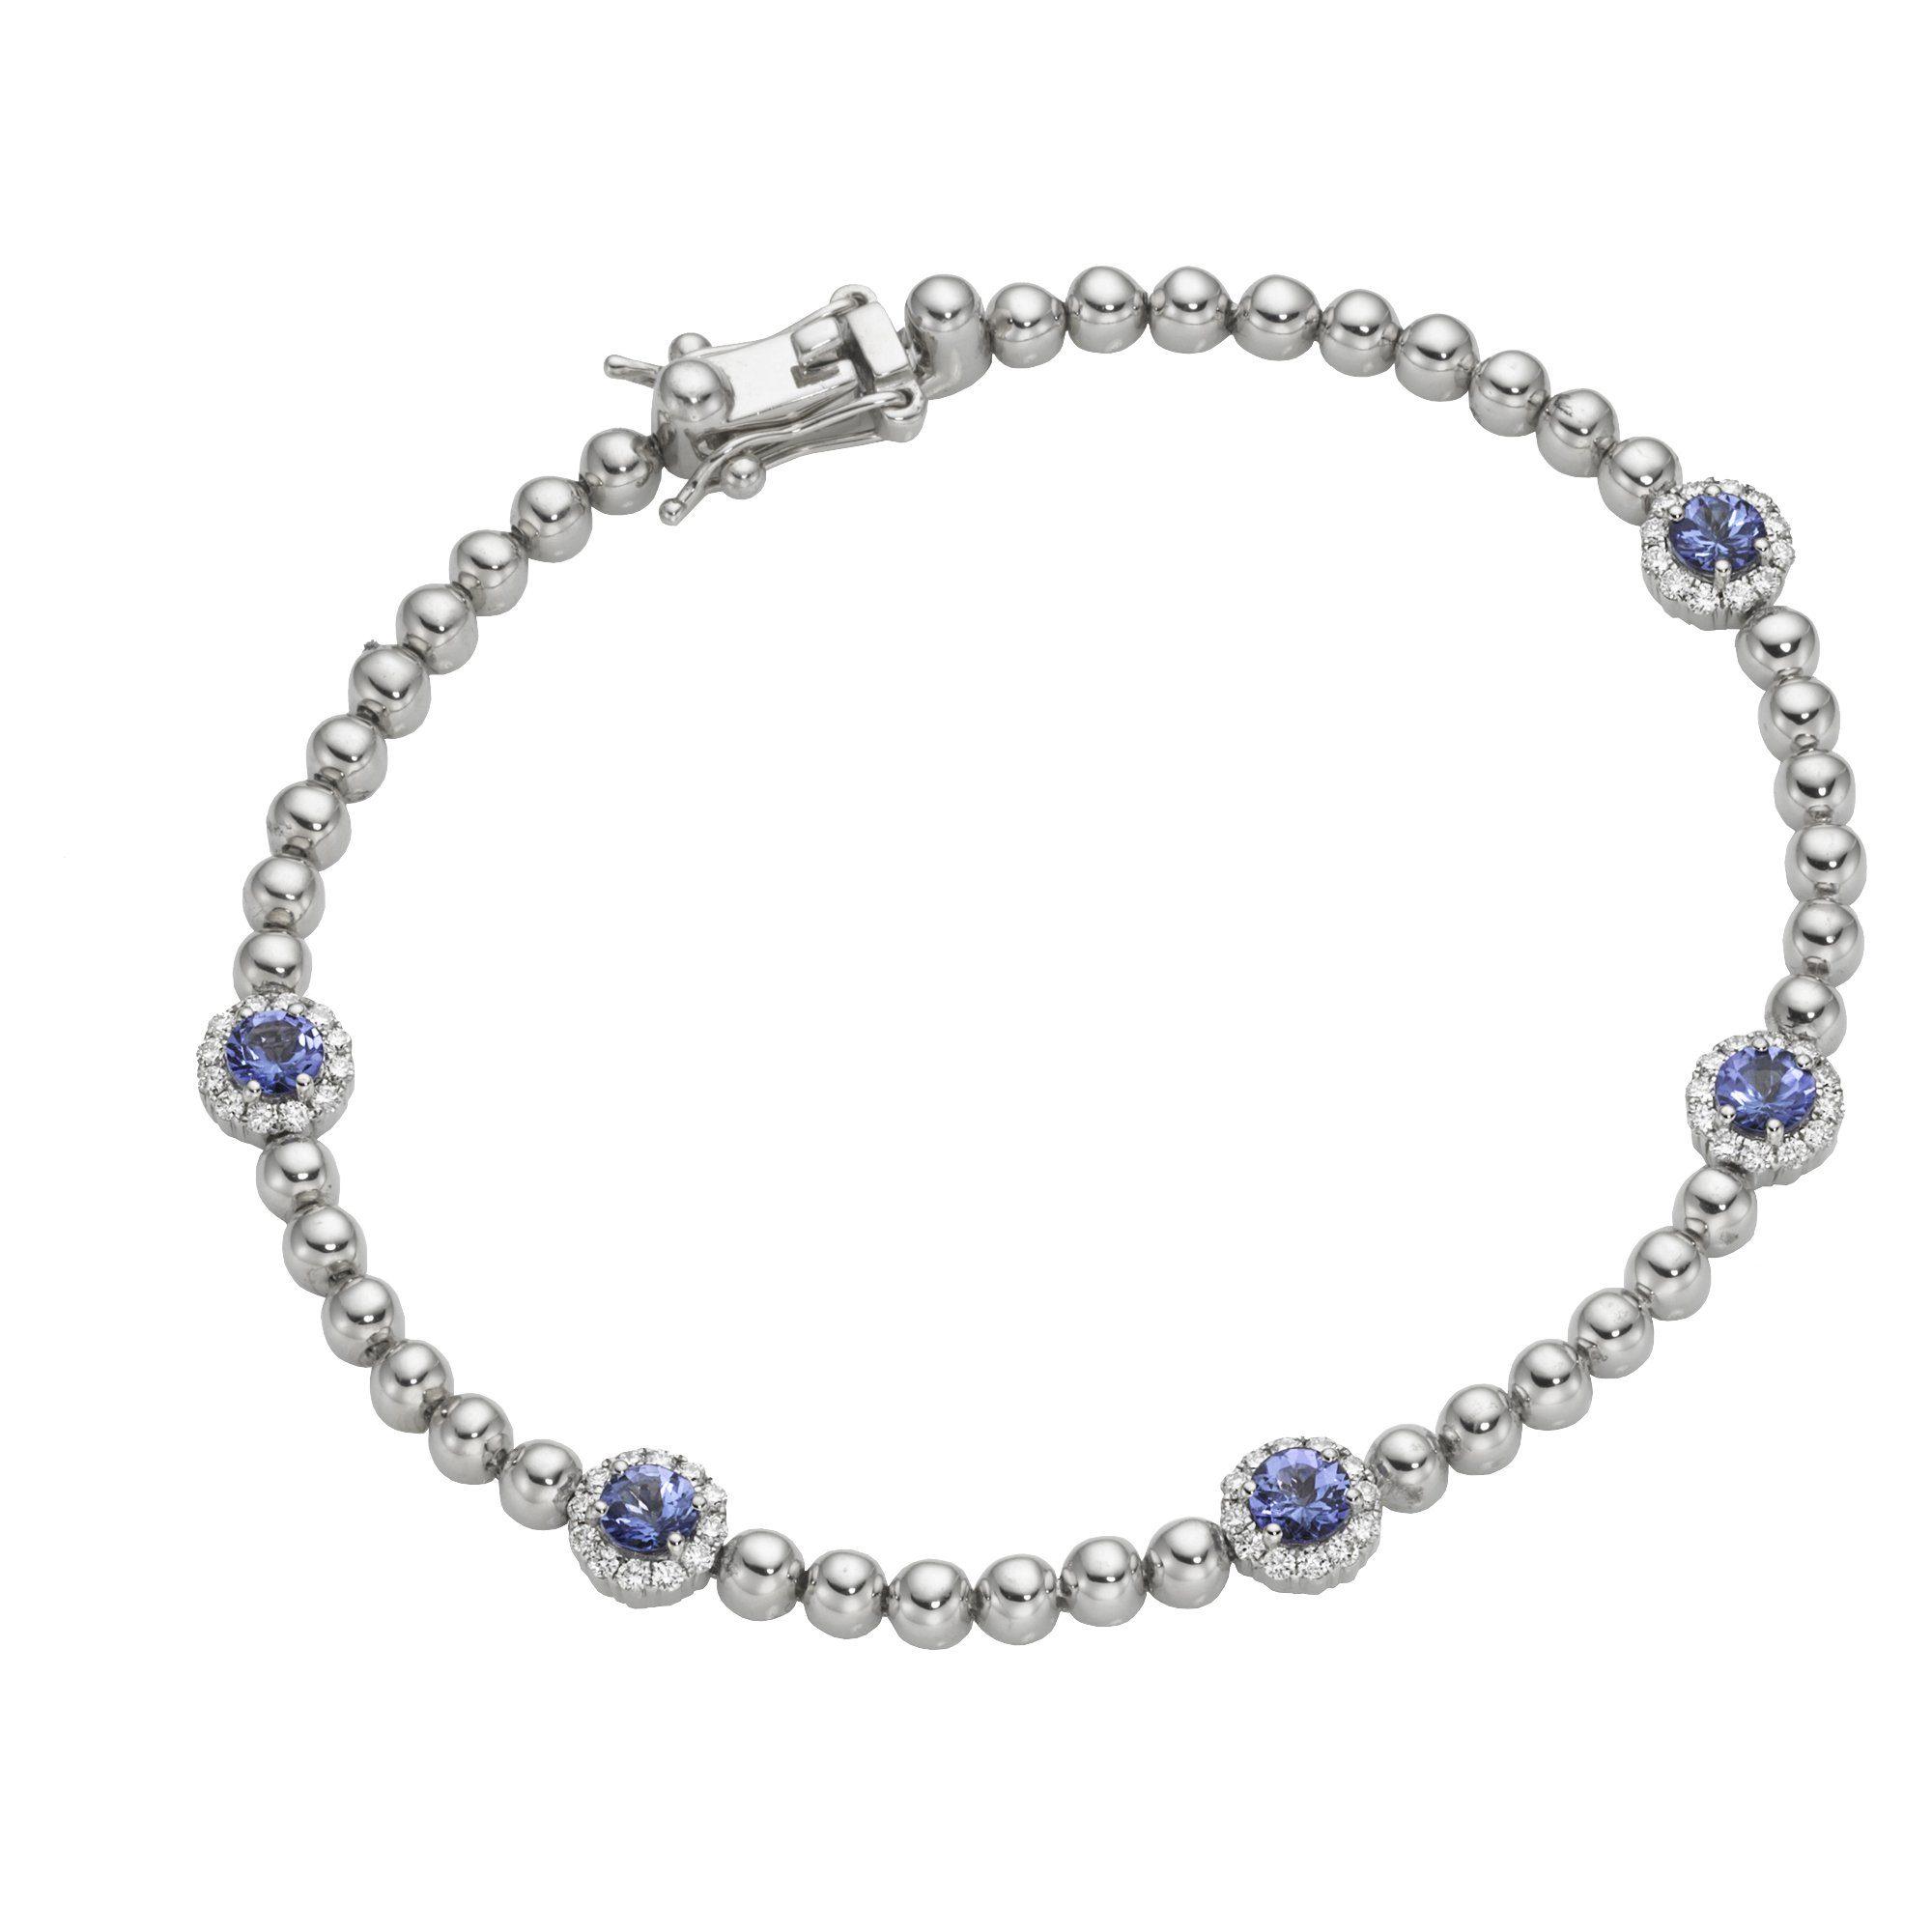 creazione bijoux armband - Flyer Goroc3 4.10 FS (625 Wh) 2021 , Flyer